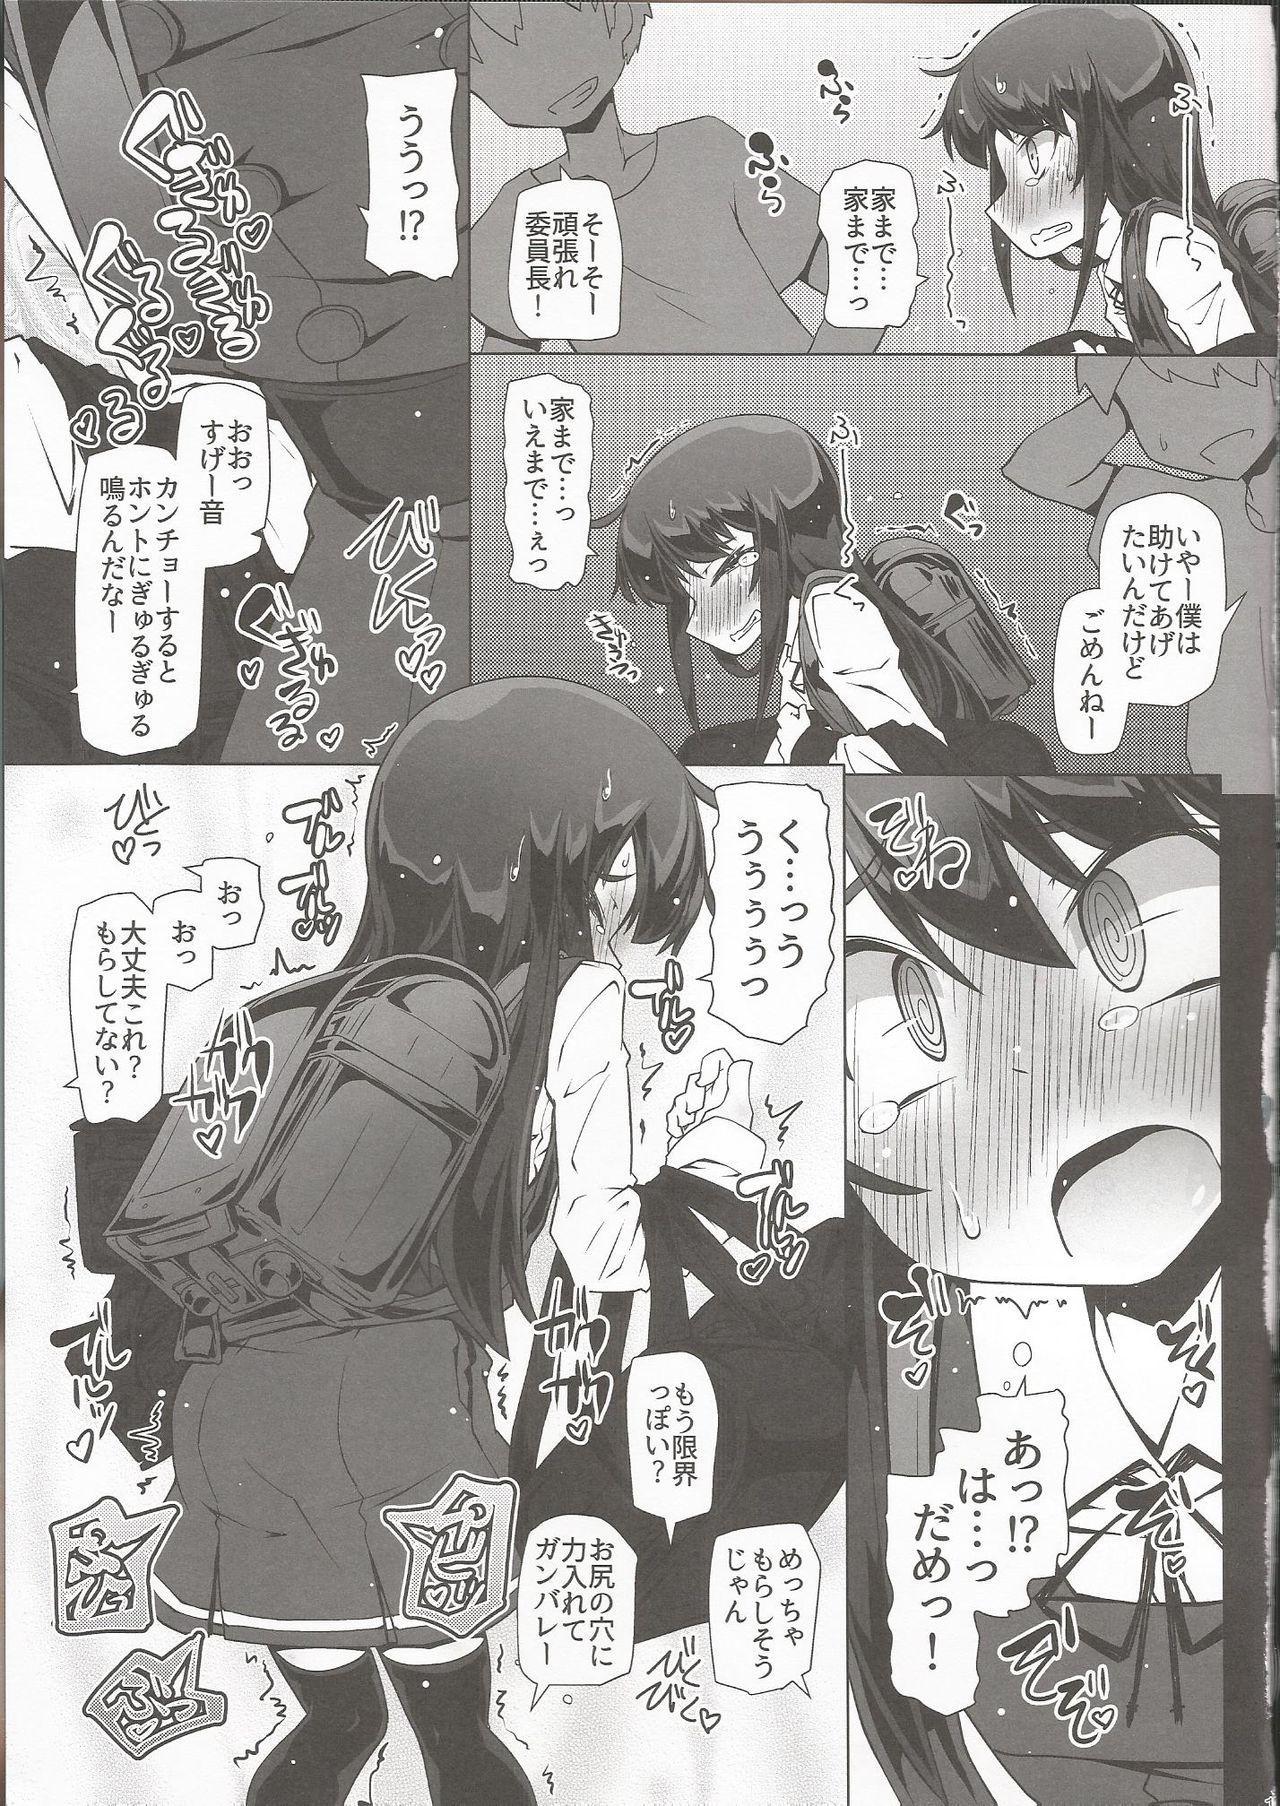 Asashio-san Kyou wa Issho ni Kaerou yo 13